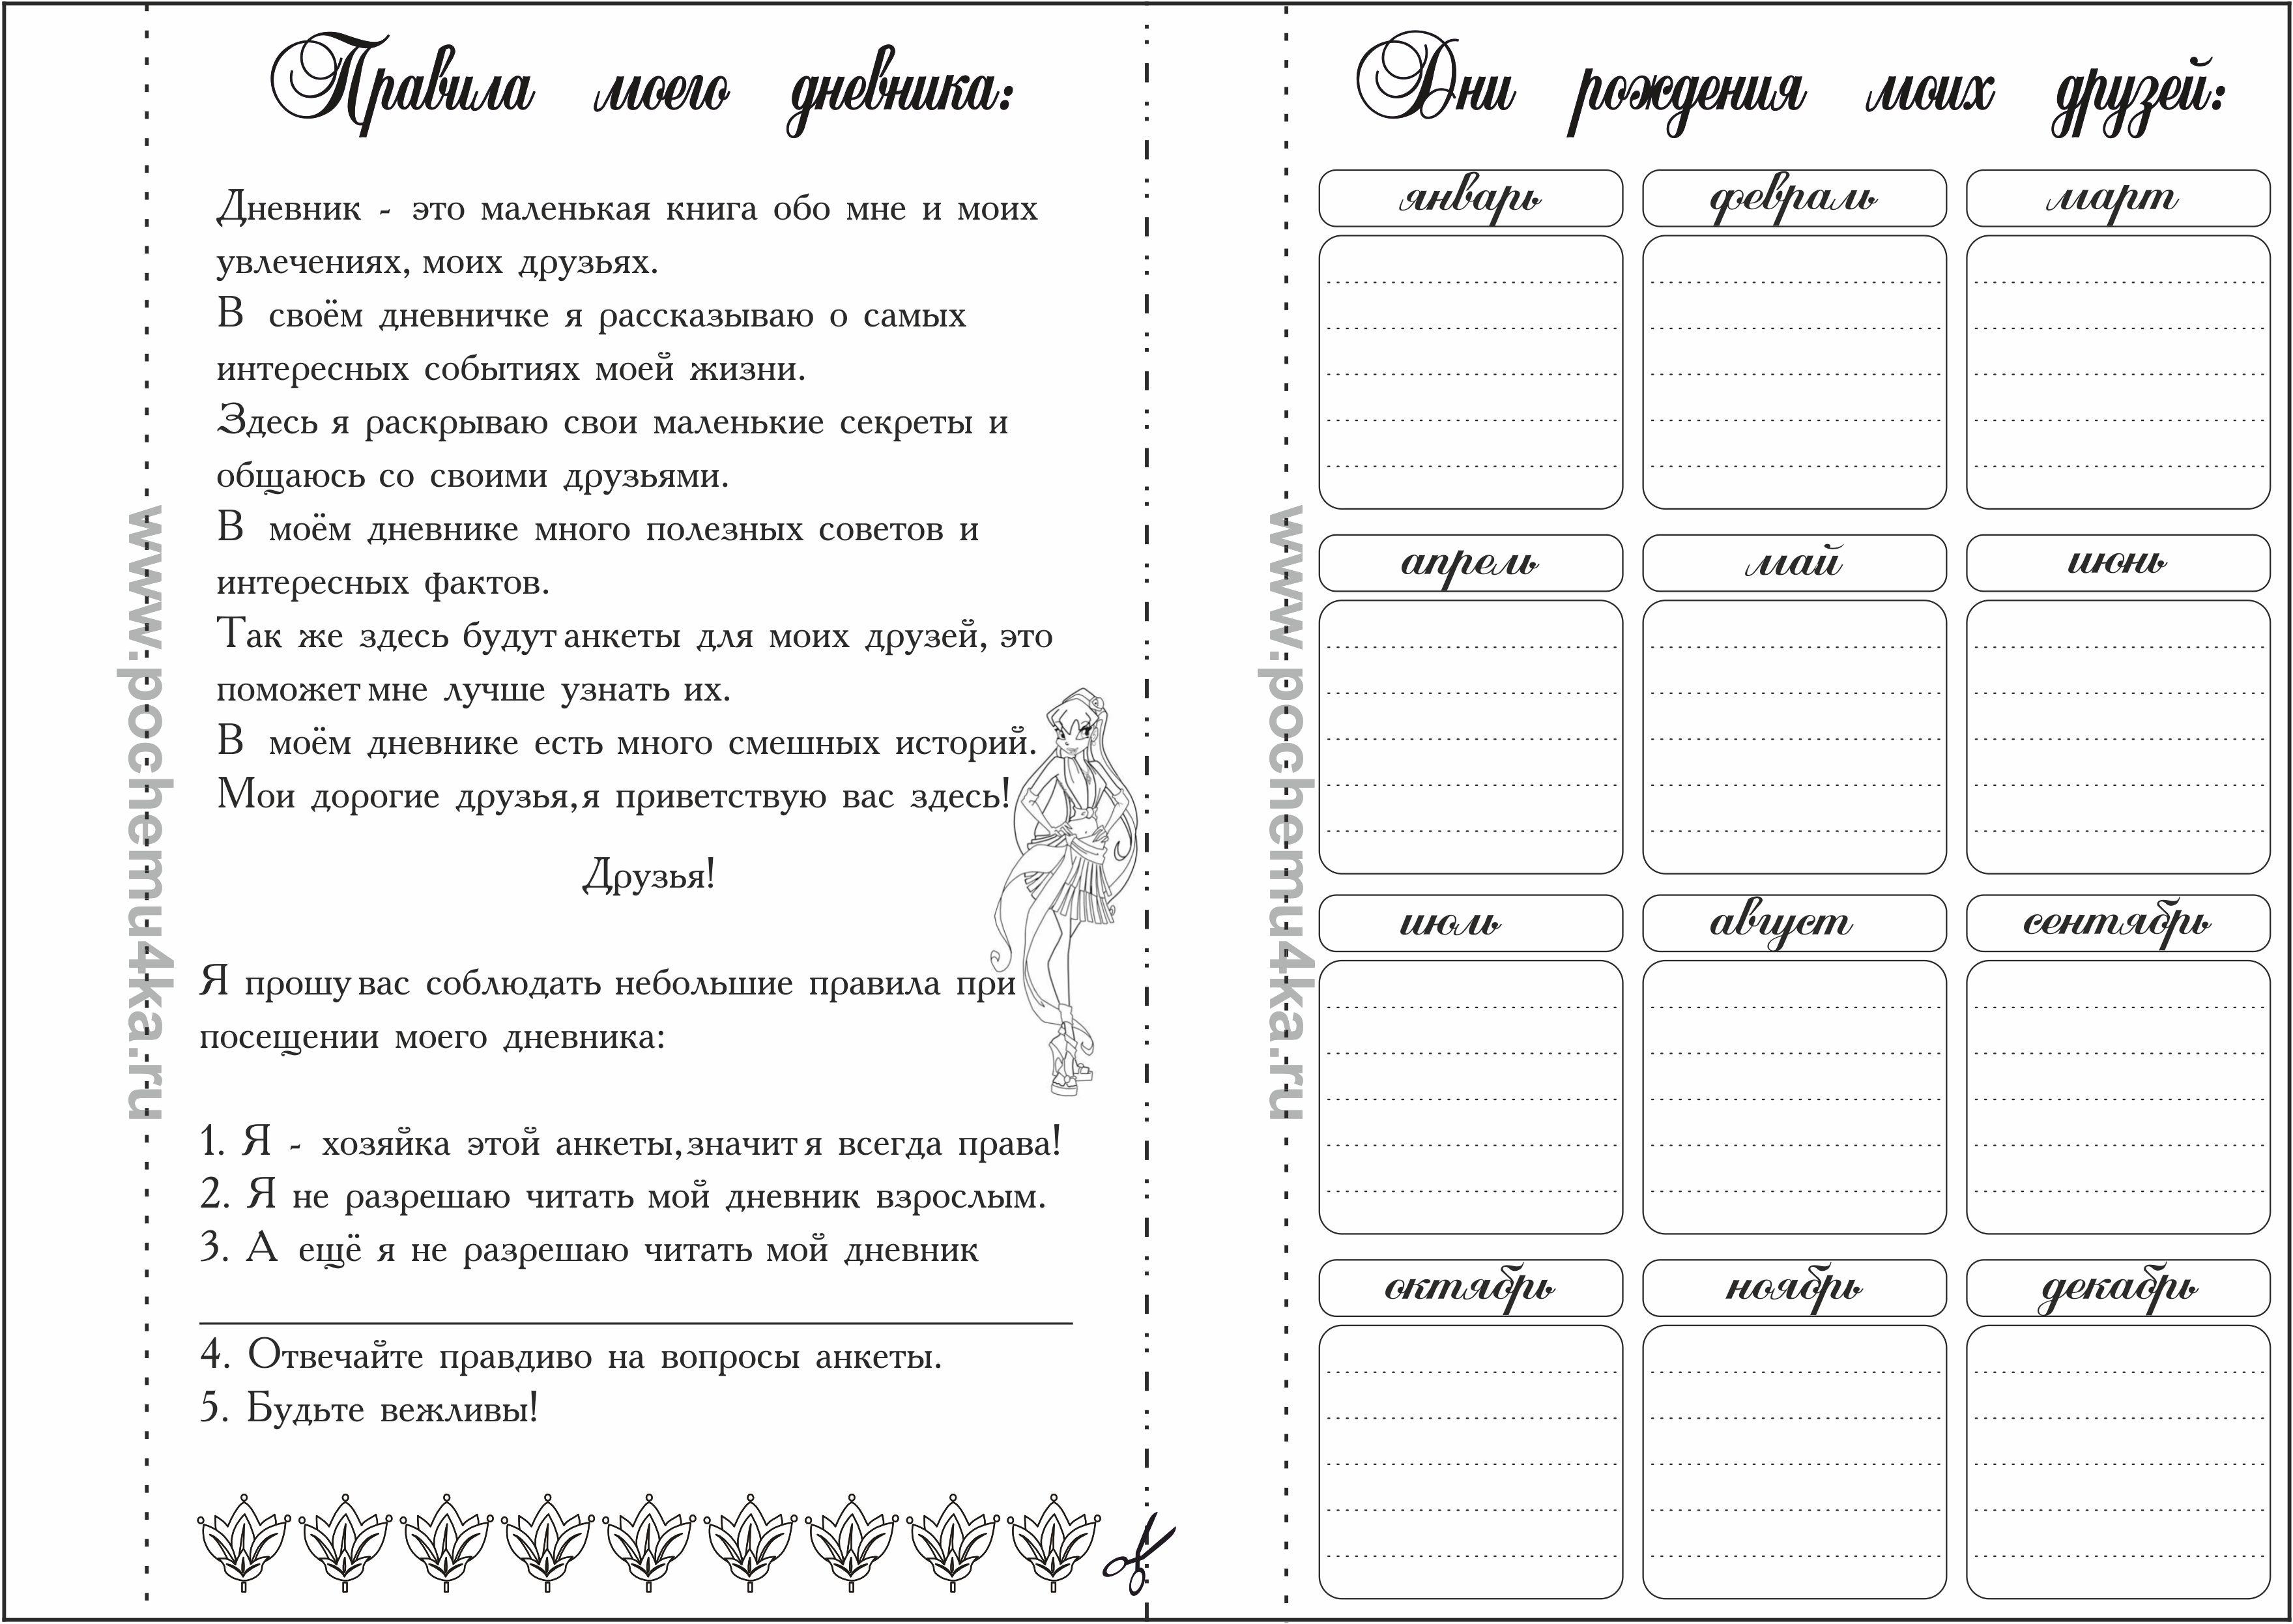 Анкета для личного дела учителя - 3f961